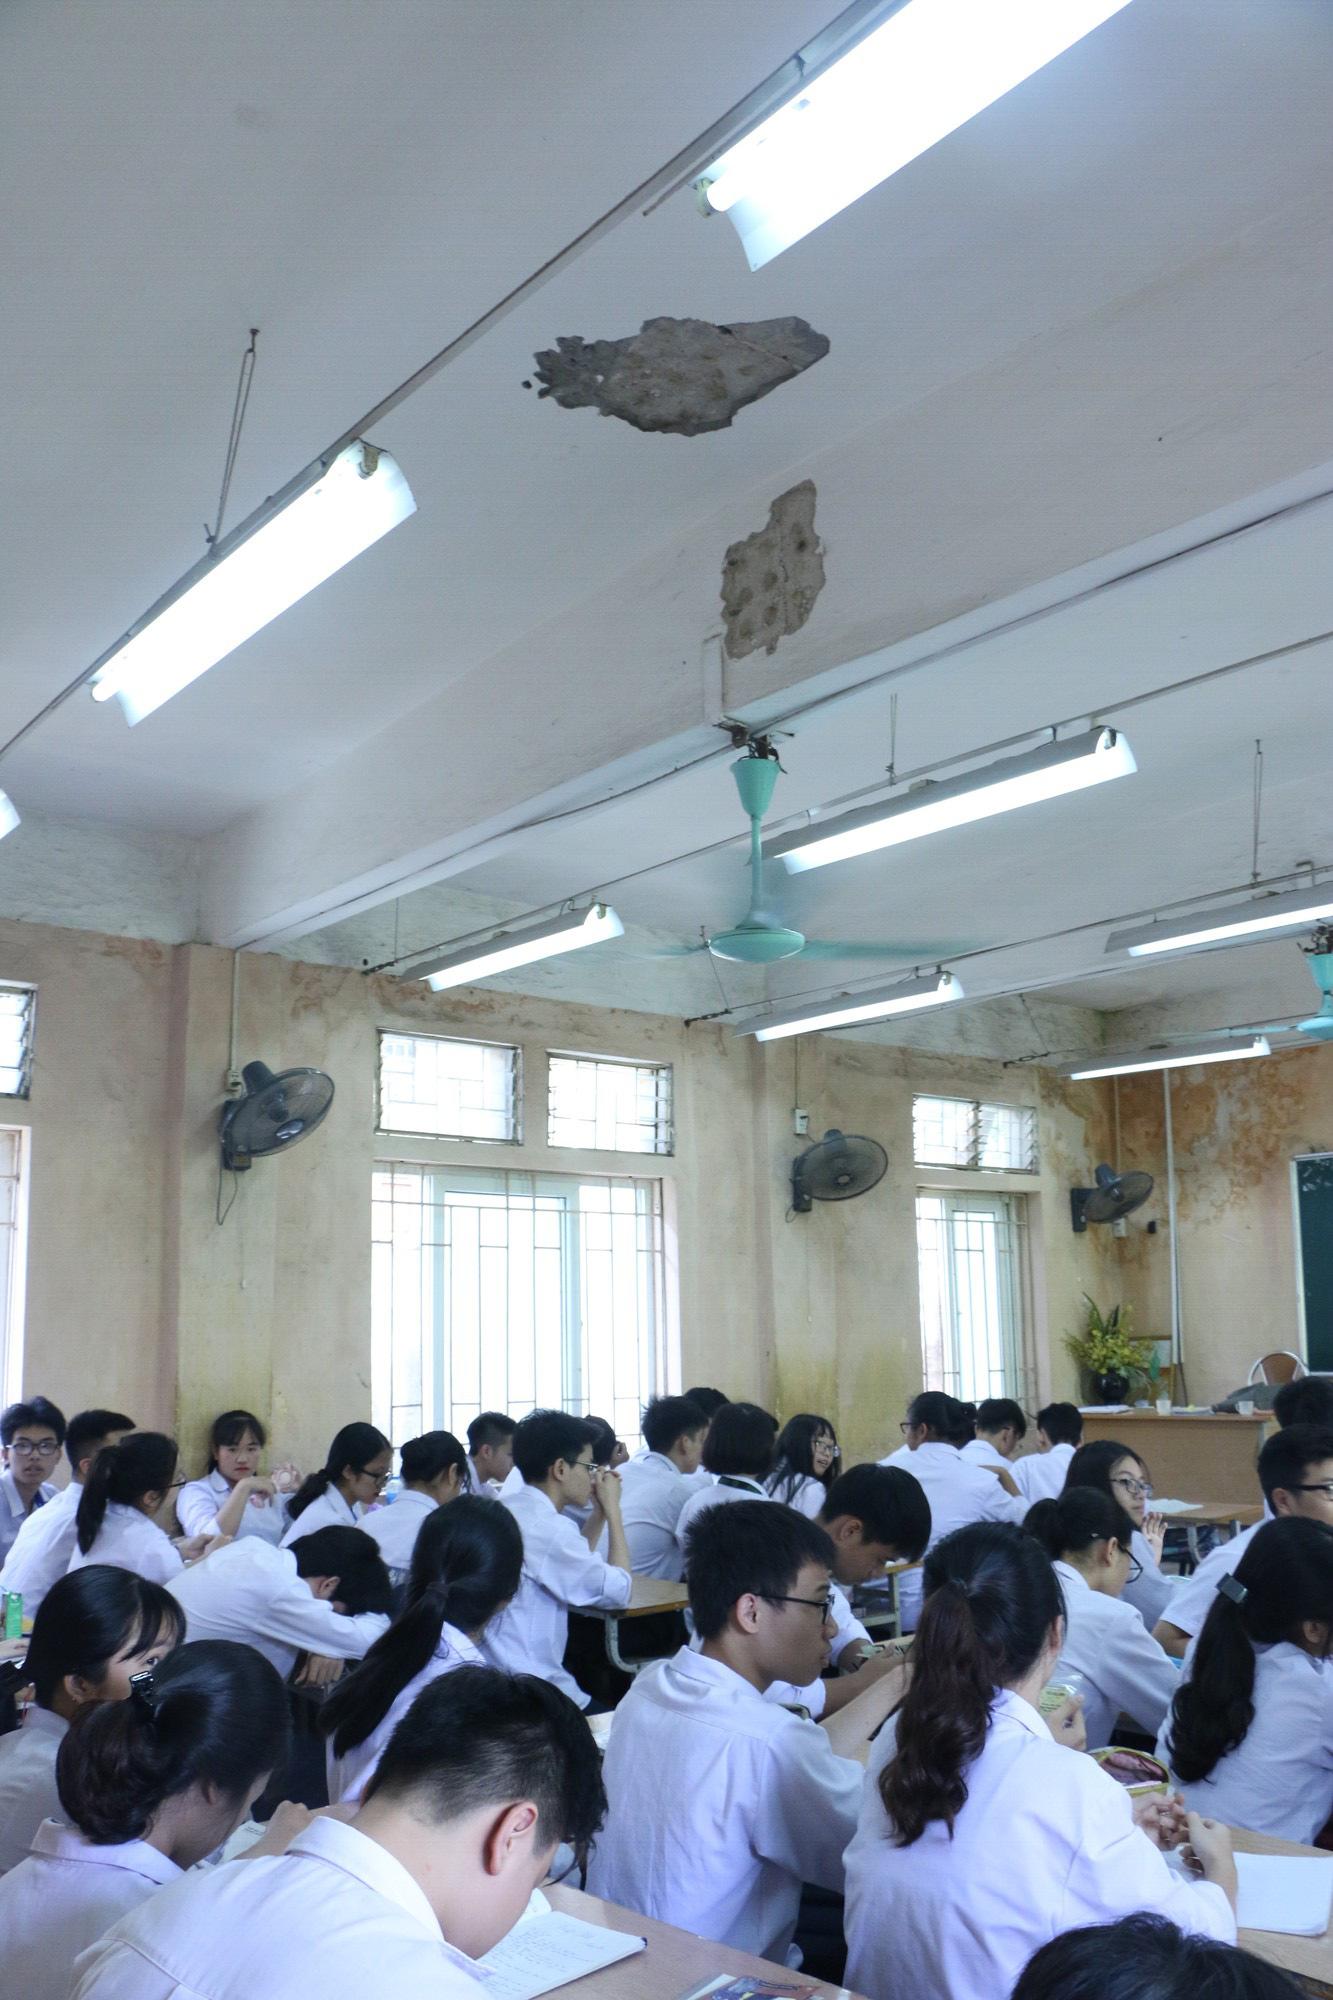 Vữa trần rơi, lan can được rào tạm bằng dây thép gai, ngôi trường cấp 3 giữa Hà Nội có nguy cơ đổ sập  - Ảnh 17.